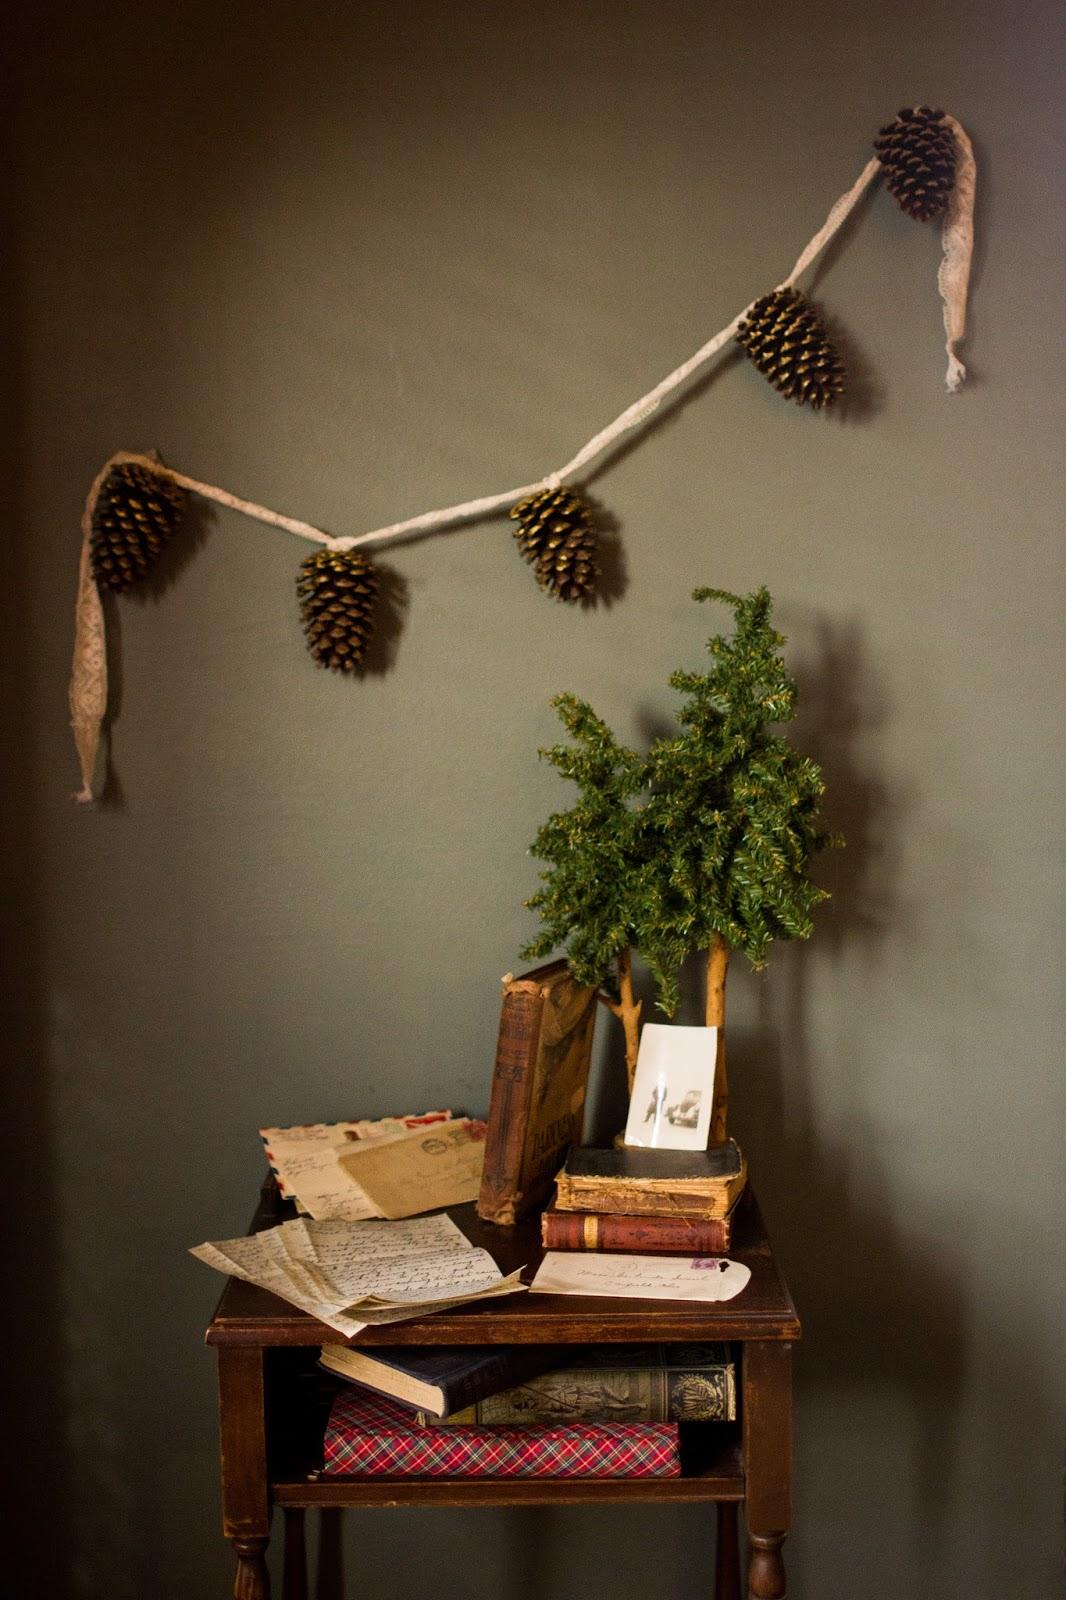 decoracao de natal com materiais naturais